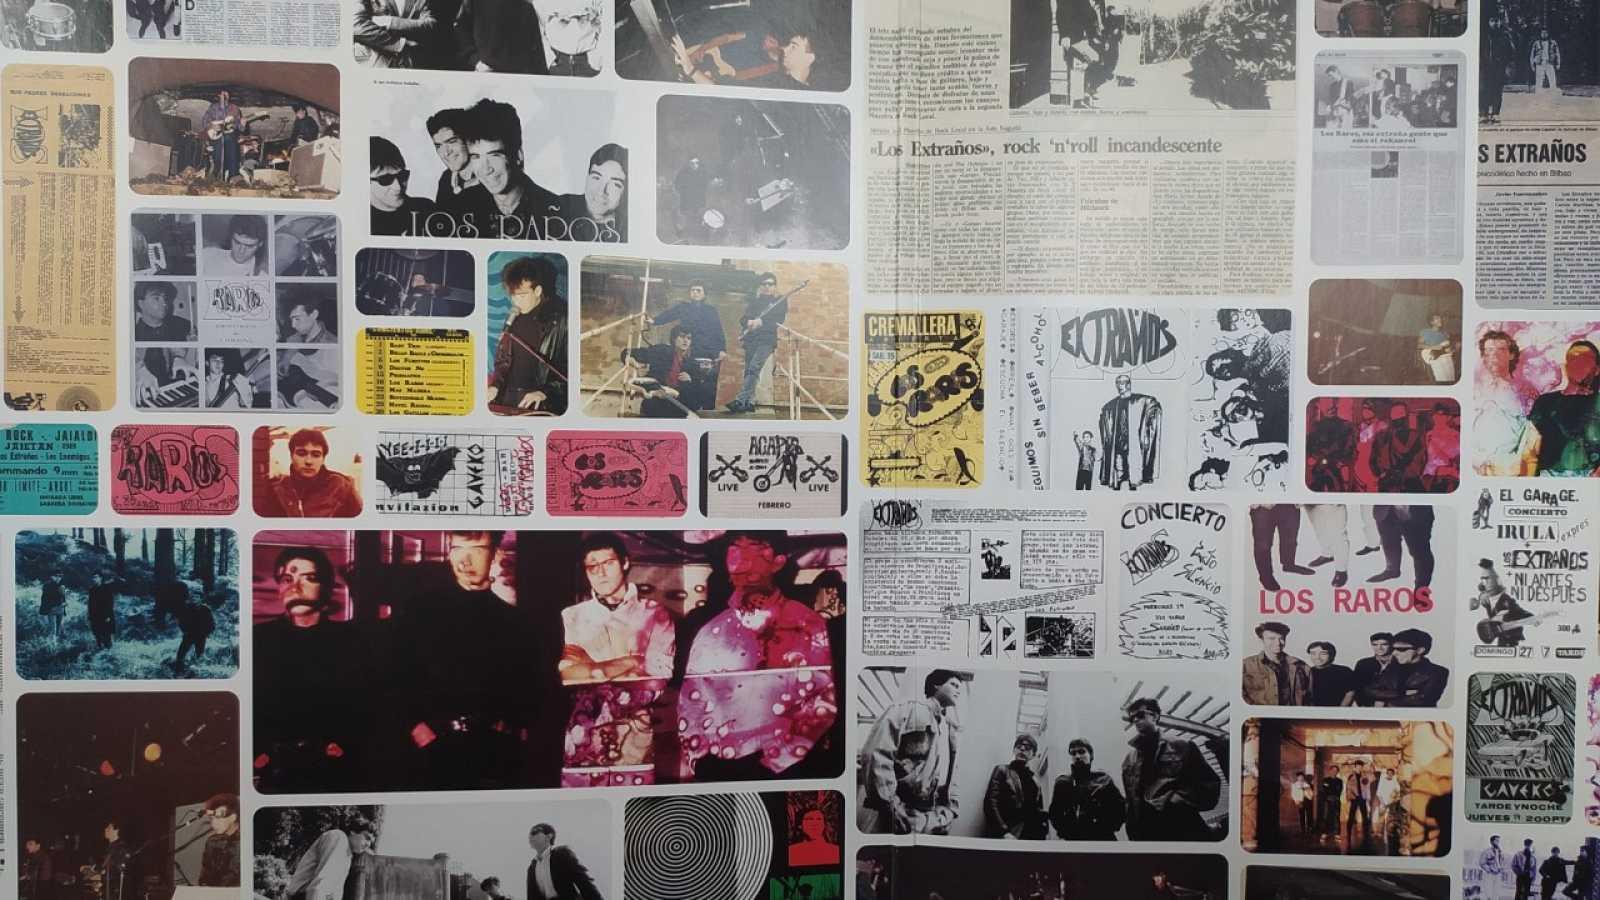 El Patillas DJ' - Los Extraños, sonido vasco y aromas andaluces - 27/02/21 - escuchar ahora